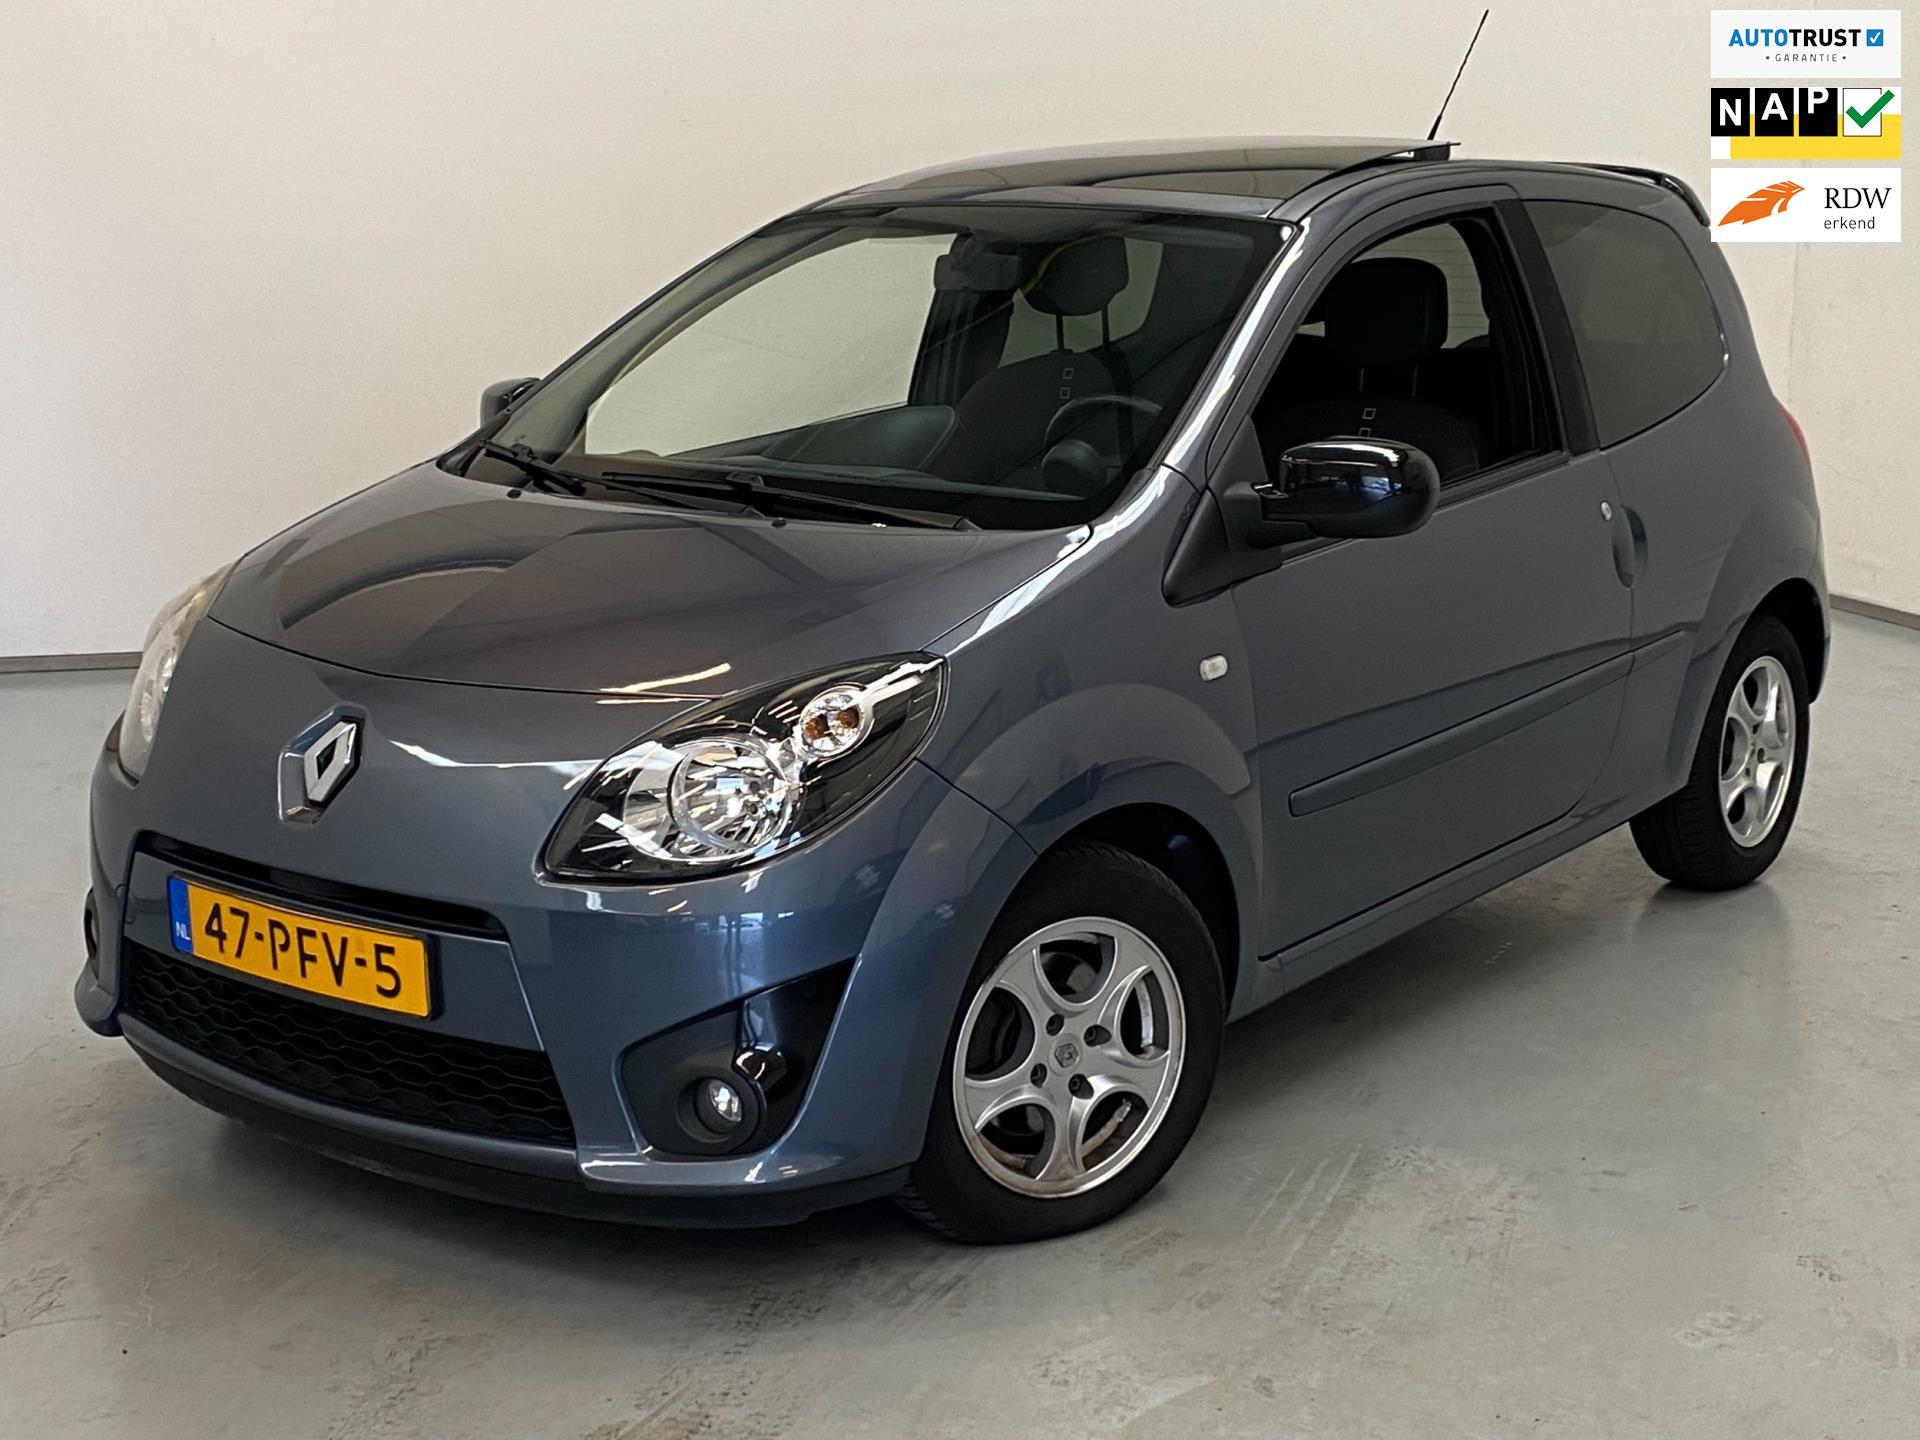 Renault Twingo occasion - Van den Brink Auto's